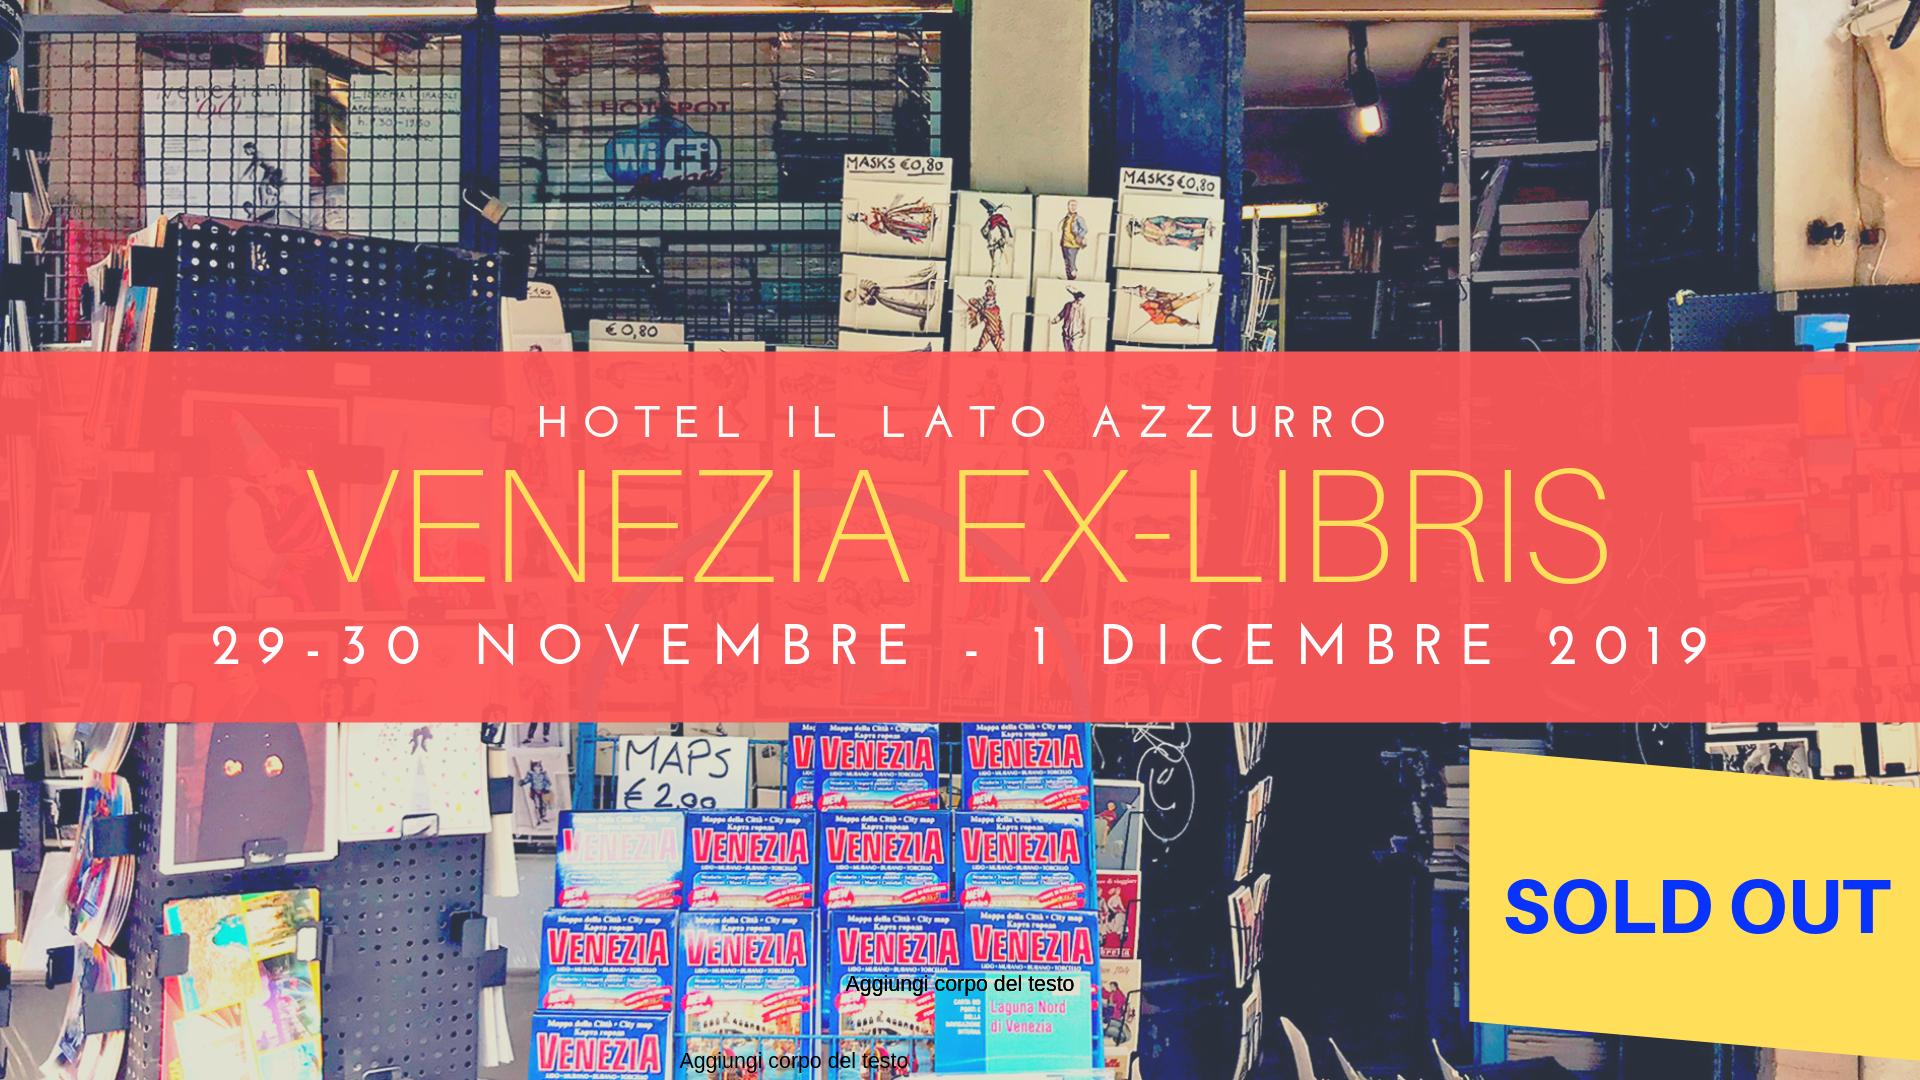 Venezia Ex-Libris